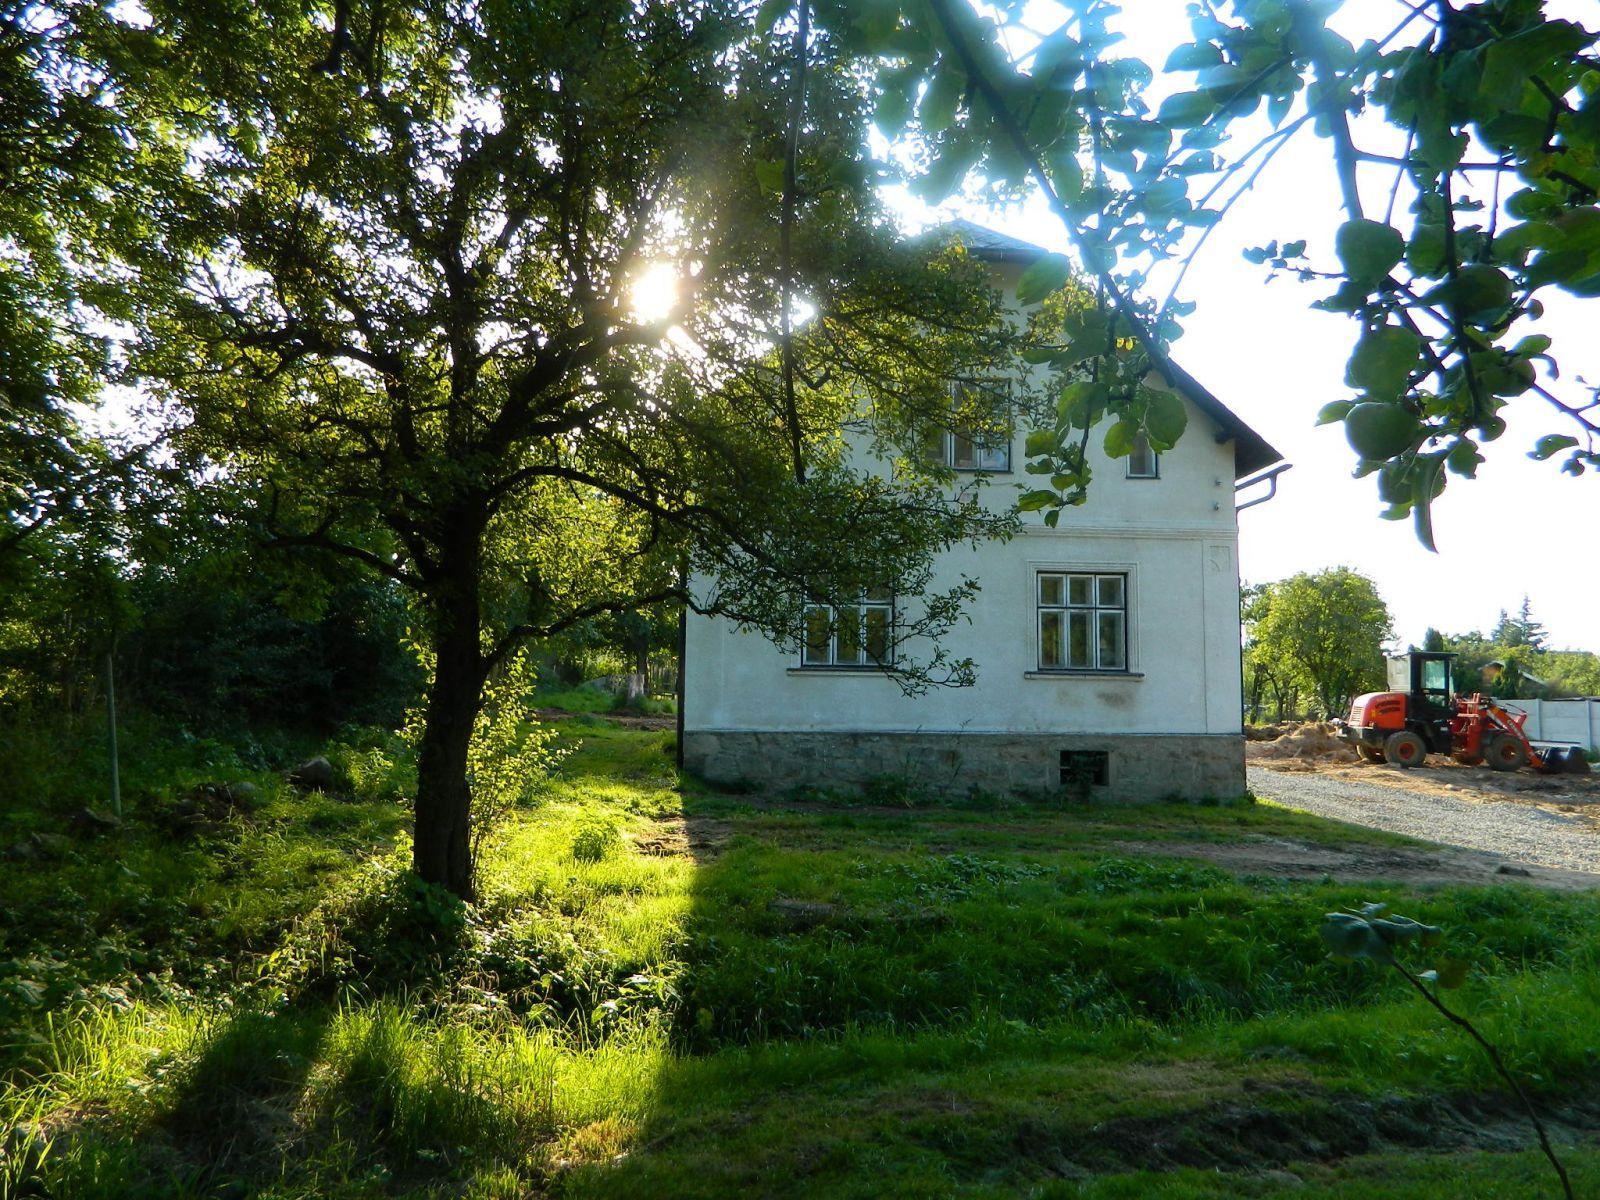 Prodej rodinného domu ( chalupy) s pozemkem 1507 m2 v obci Strachovičky, k.ú. Velké Kunětice